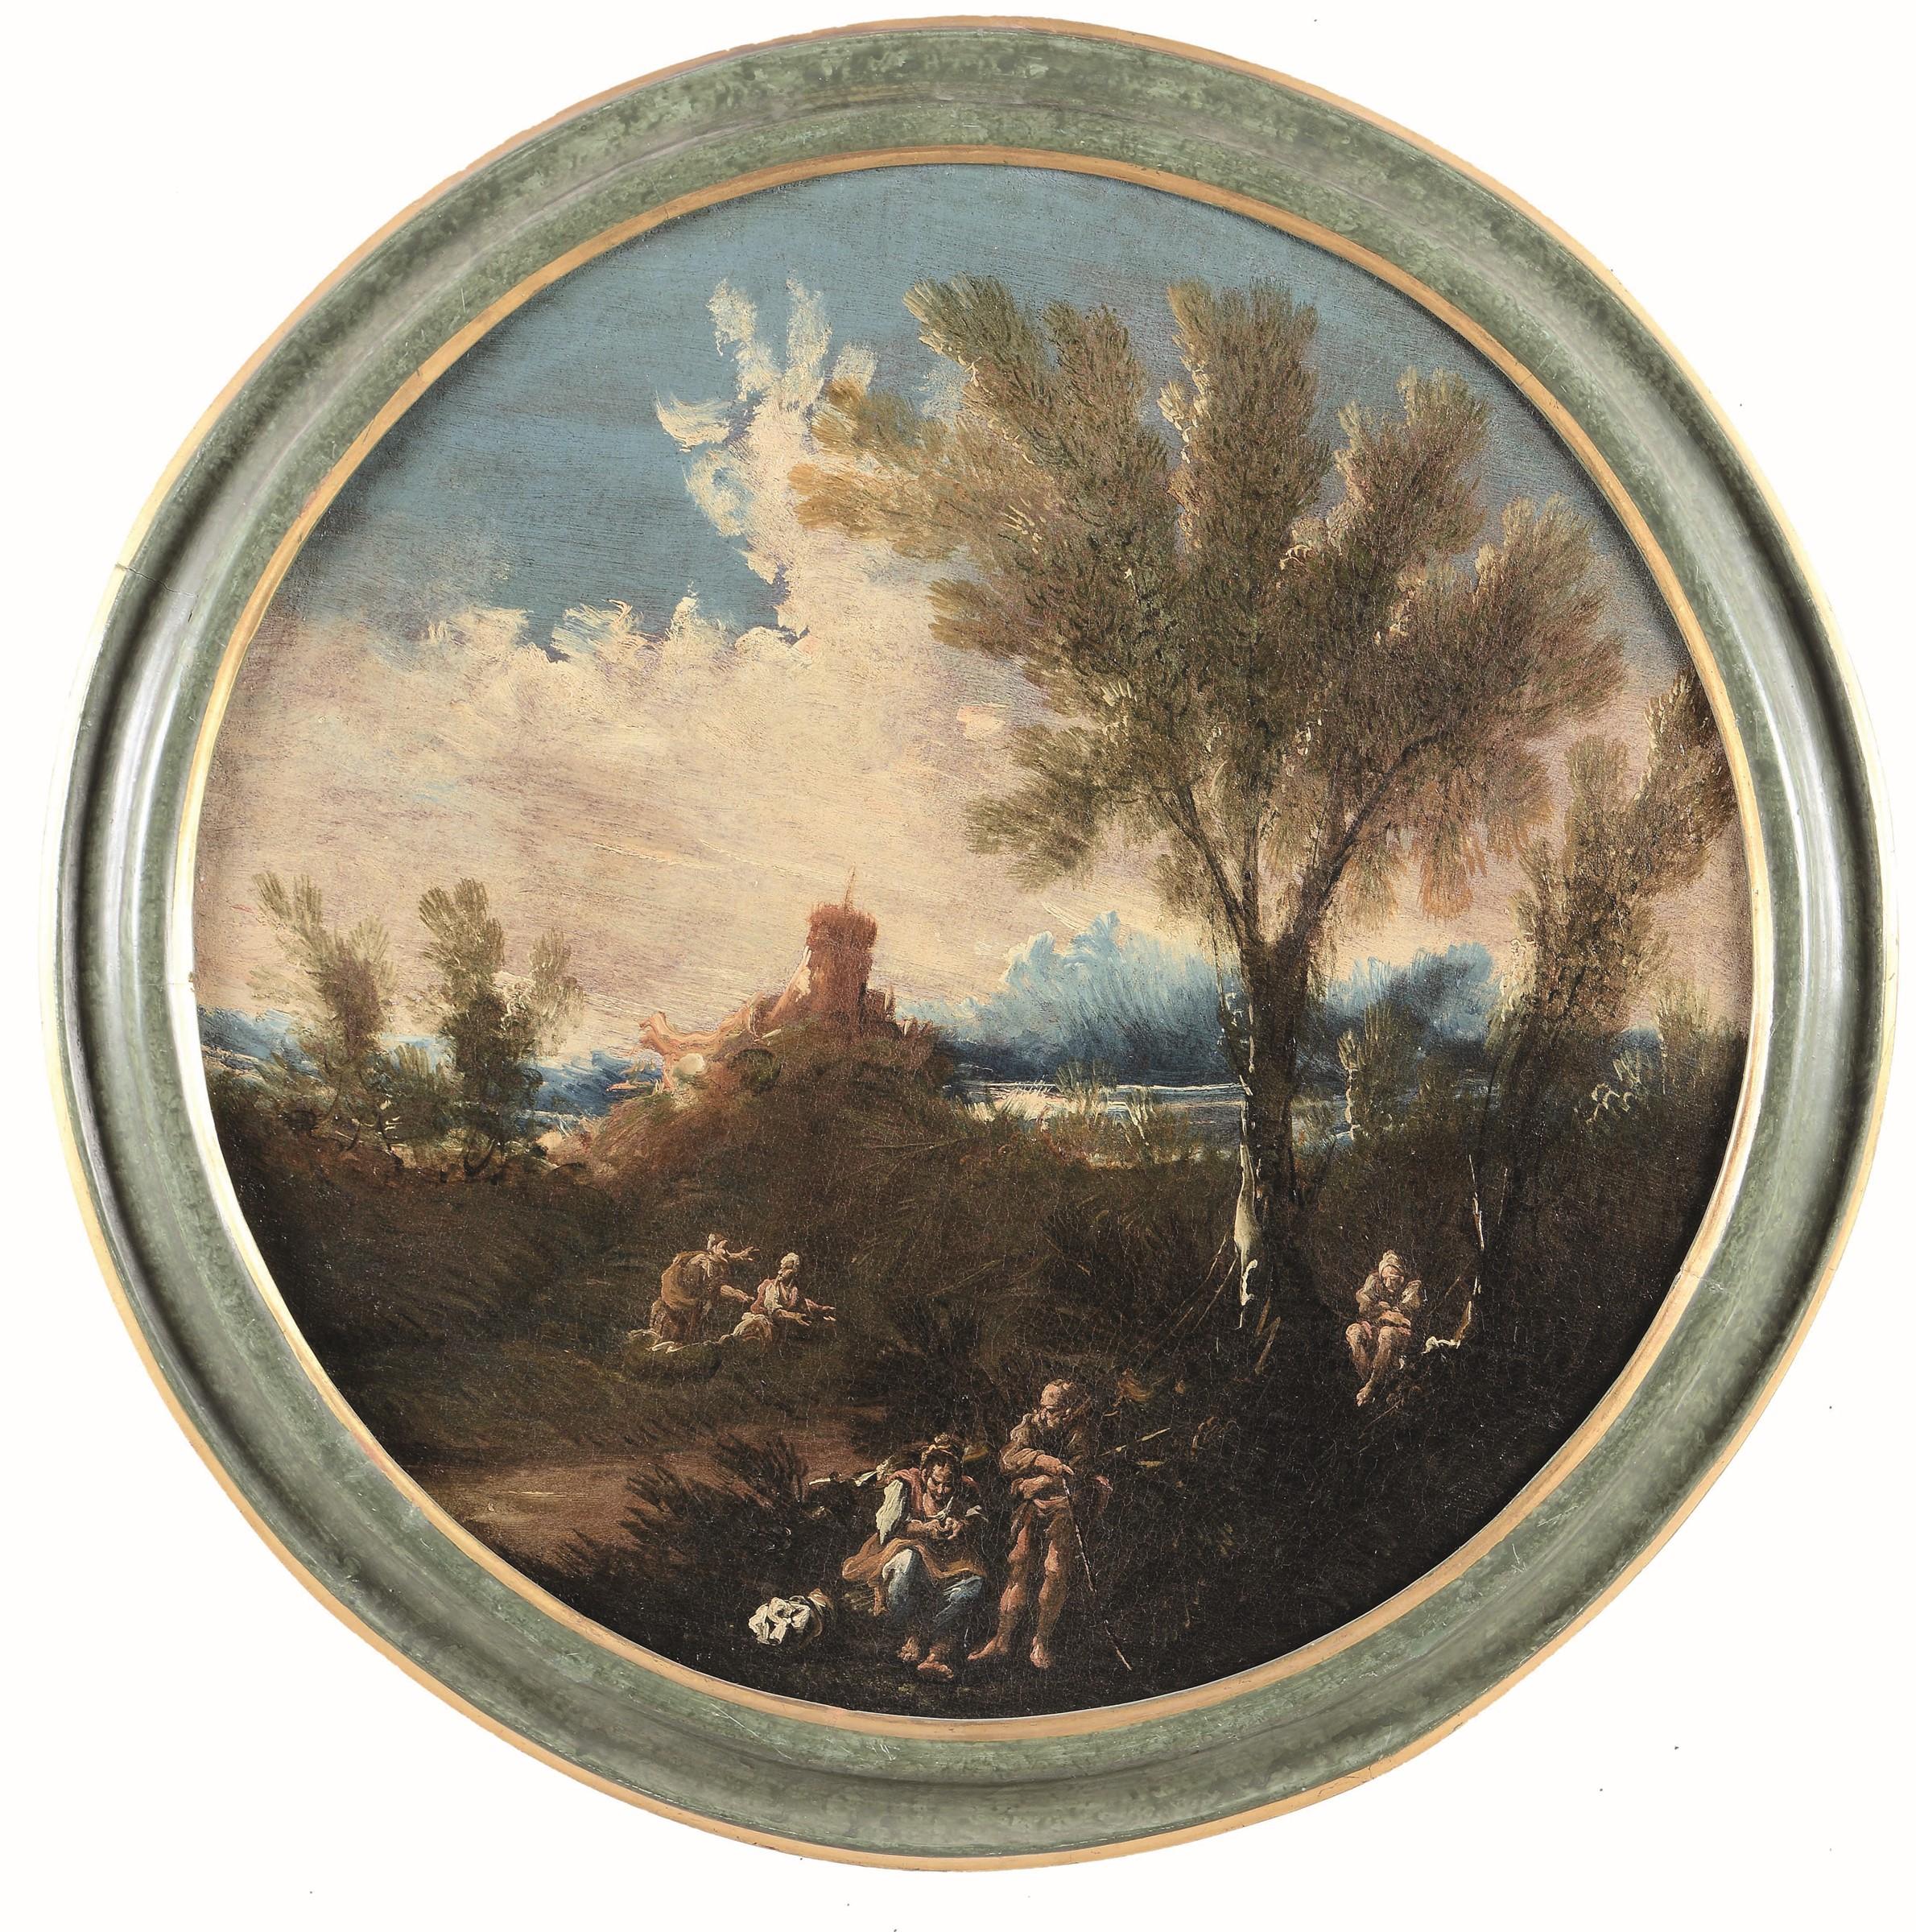 Anton Francesco Peruzzini (Ancona 1643 - Milano 1724), Paesaggio con contadini - [...]